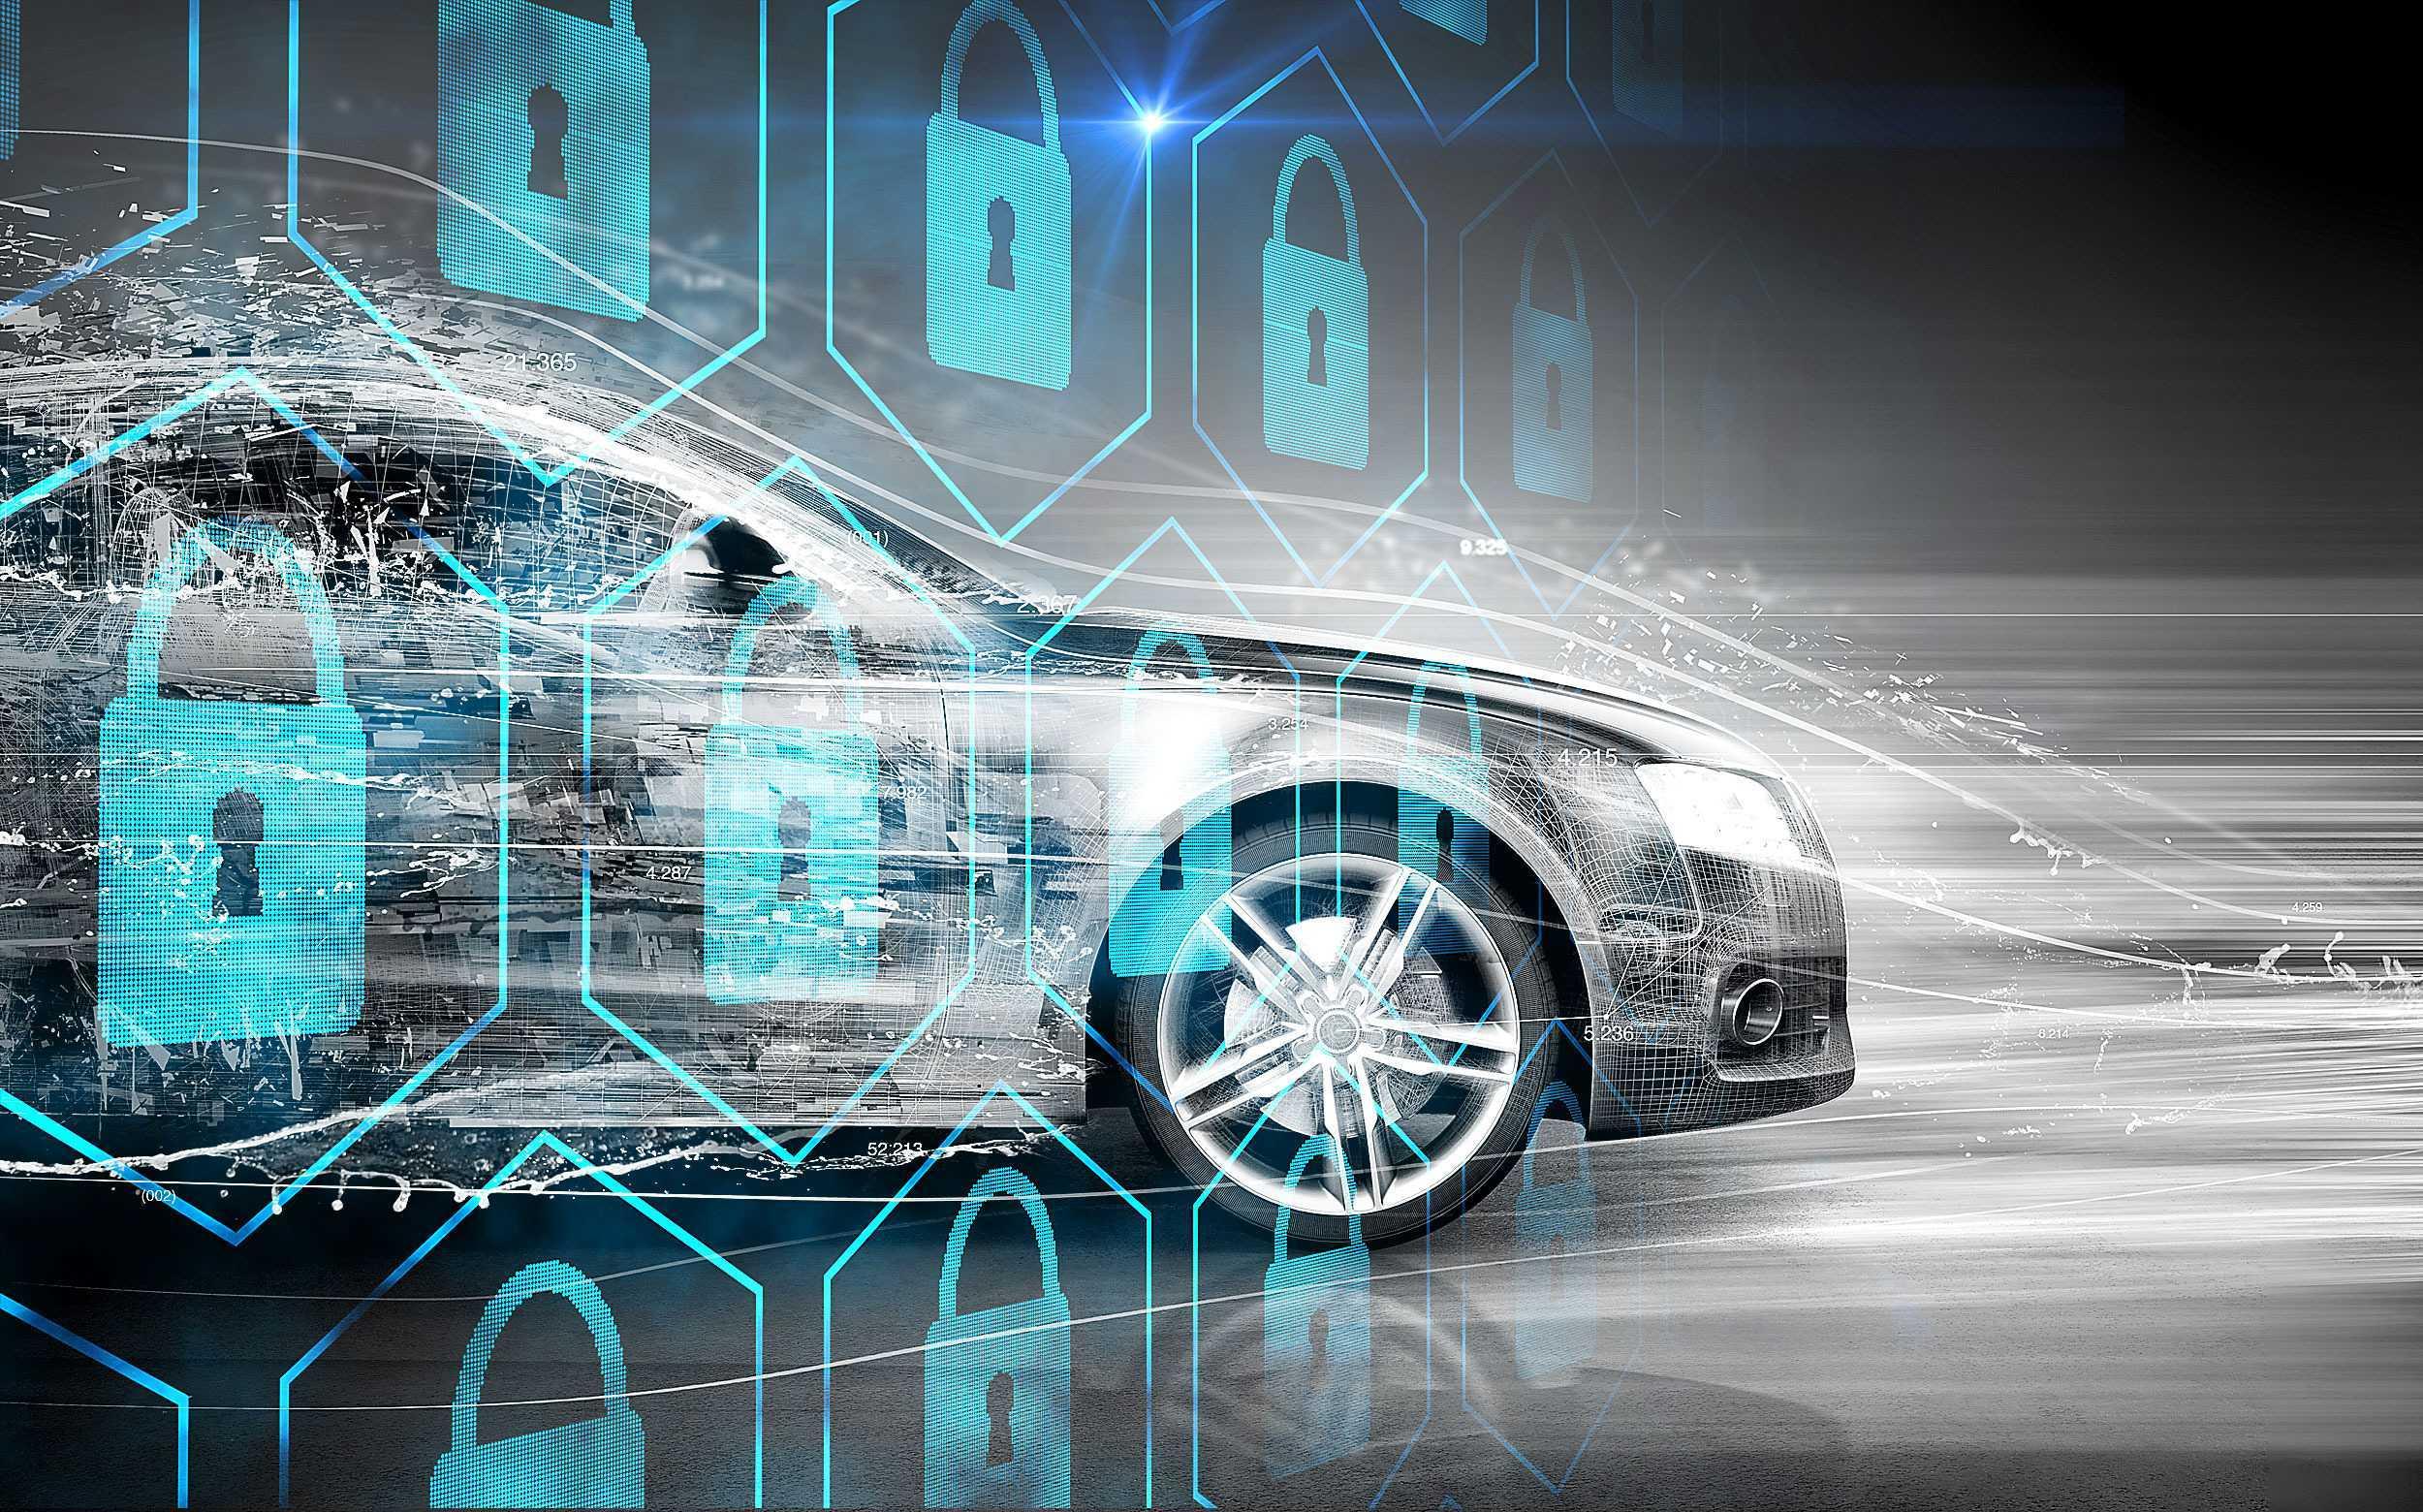 Les opérateurs américains ont enregistré plus de voitures connectées que de smartphones et tablettes au deuxième trimestre 2016